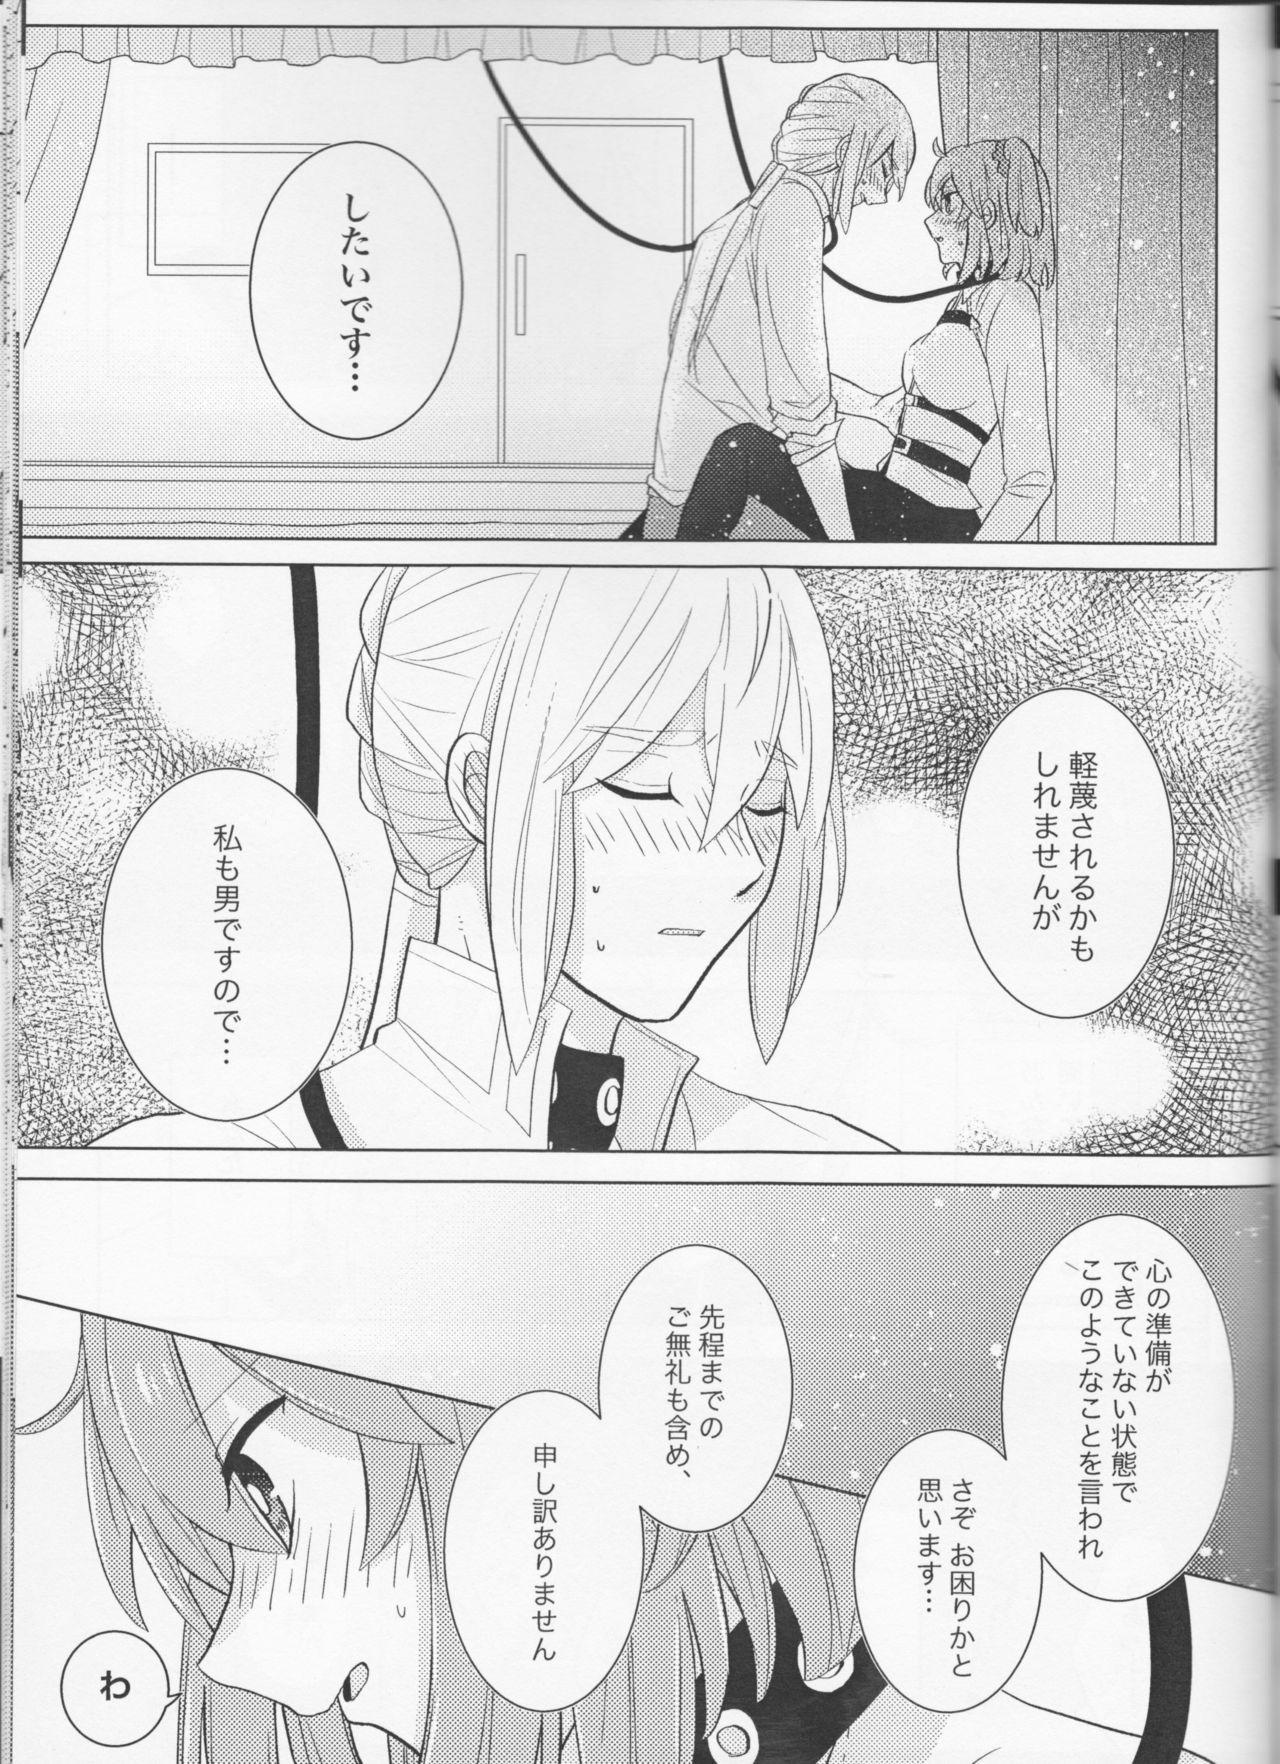 Kirakira Koboreru, Kimi to no Waidan 30